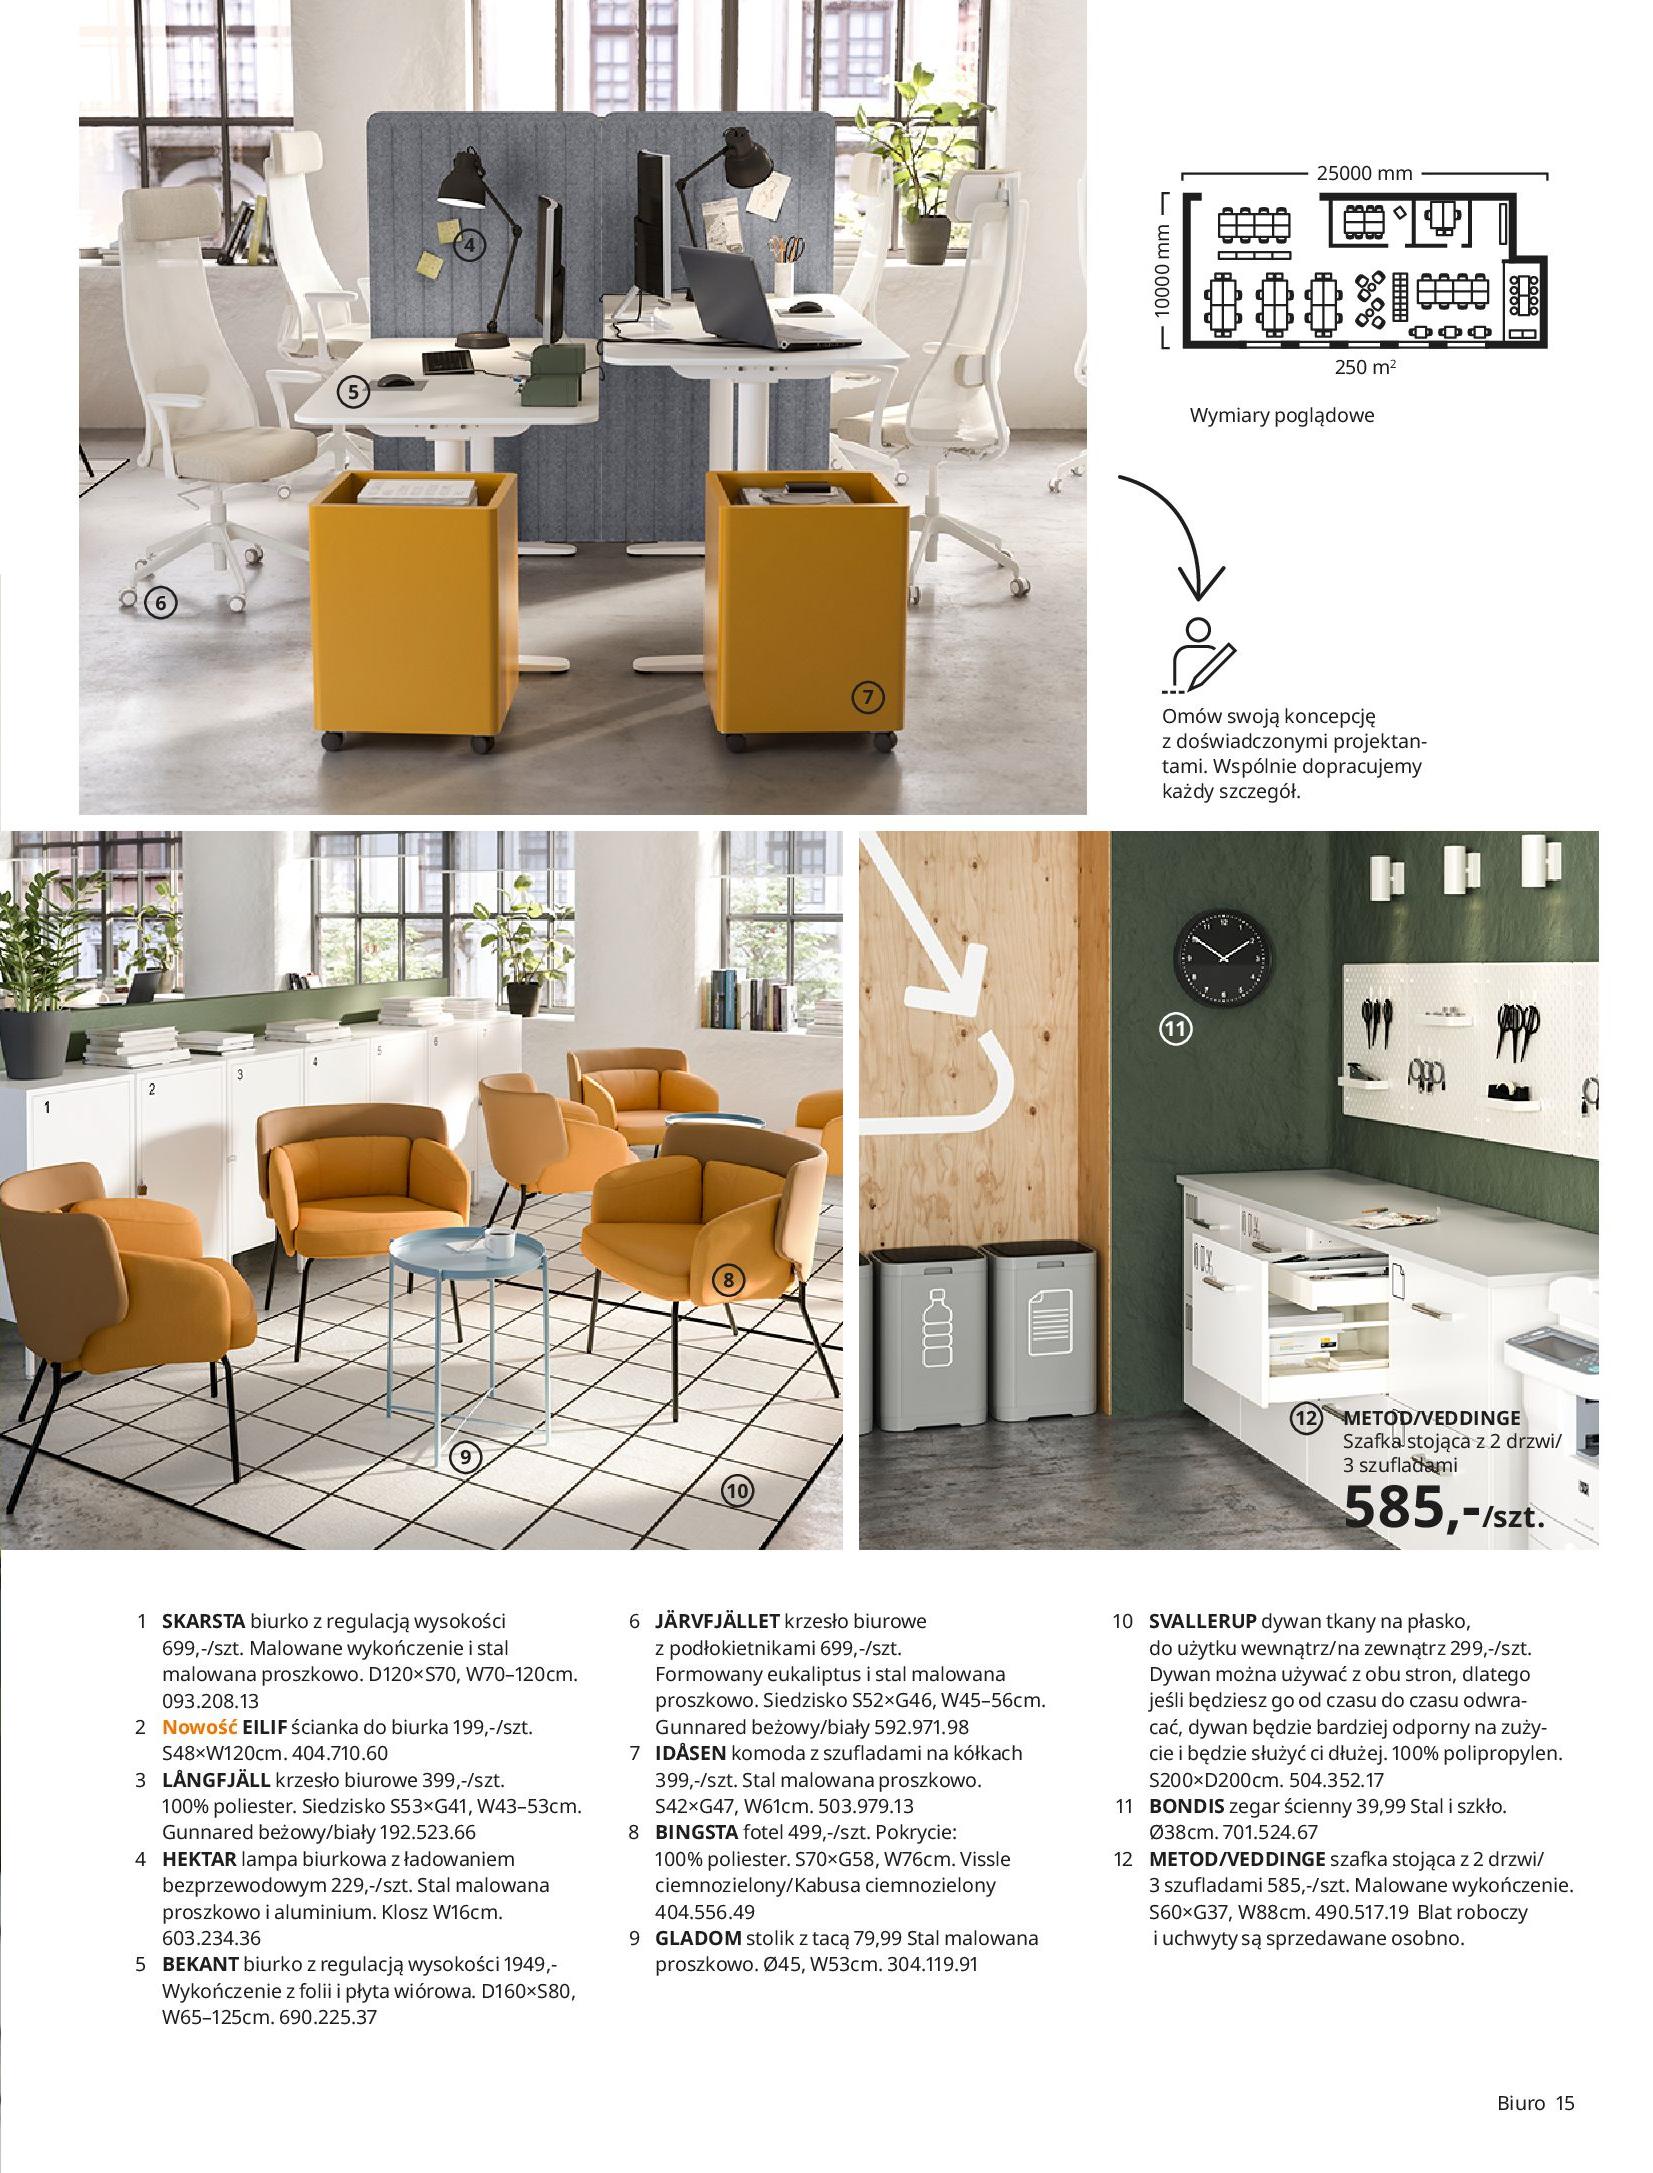 Gazetka IKEA: IKEA dla Firm 2021 2021-01-13 page-15